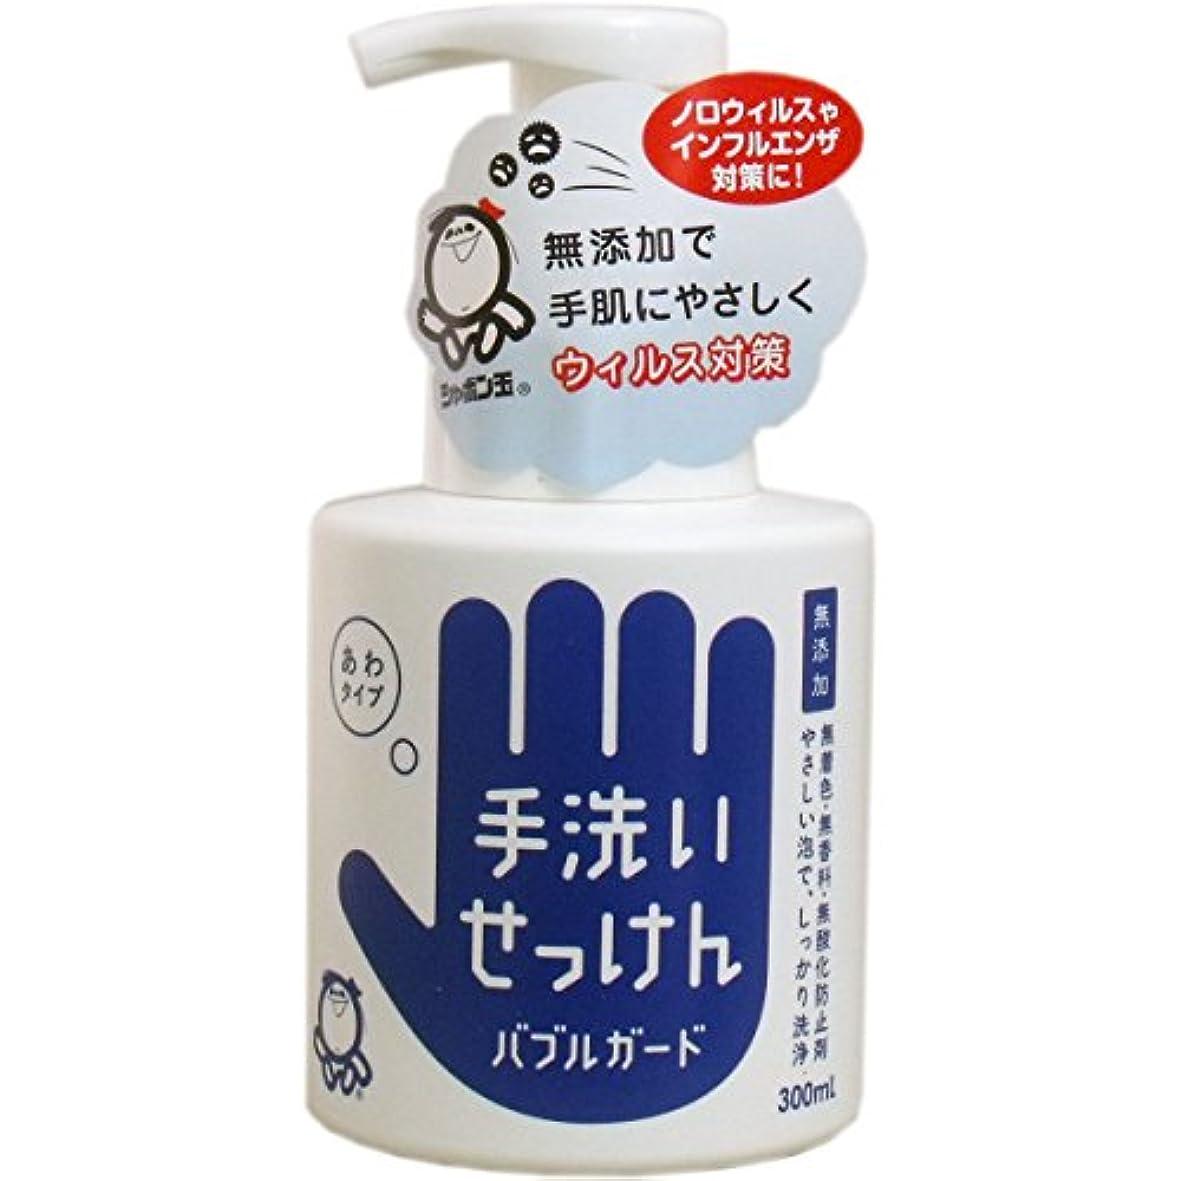 シャボン玉石けん 手洗いせっけん バブルガード 本体 300ml 1本